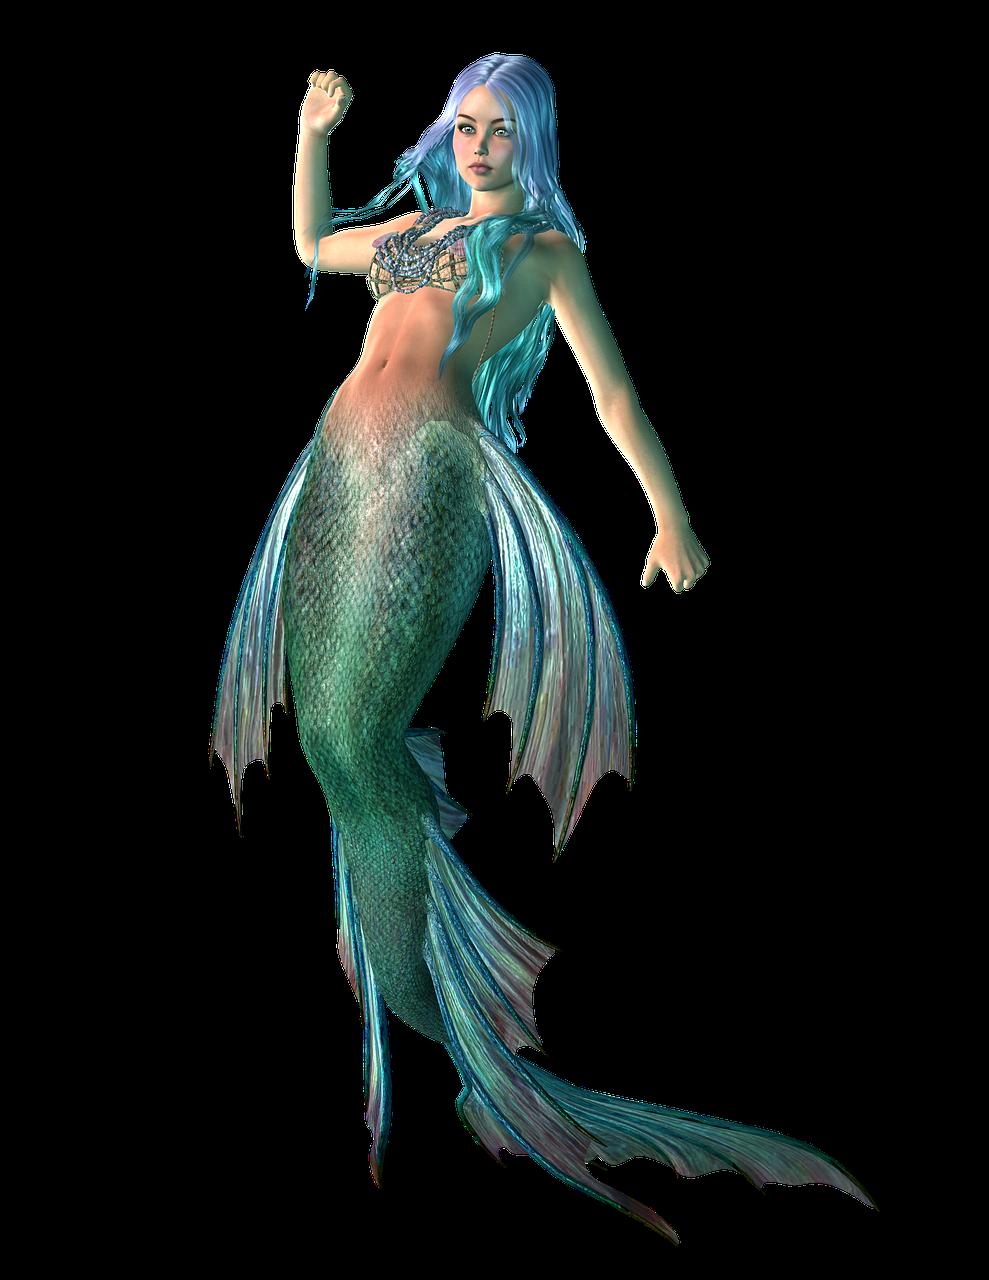 美人鱼,神话,女孩,海,仙女,故事,水下,水,女子,海洋,幻想,尾巴,鱼,游泳,字符,头发,传说,塞壬,可爱,童话,魔术,透明背景,给予,3d